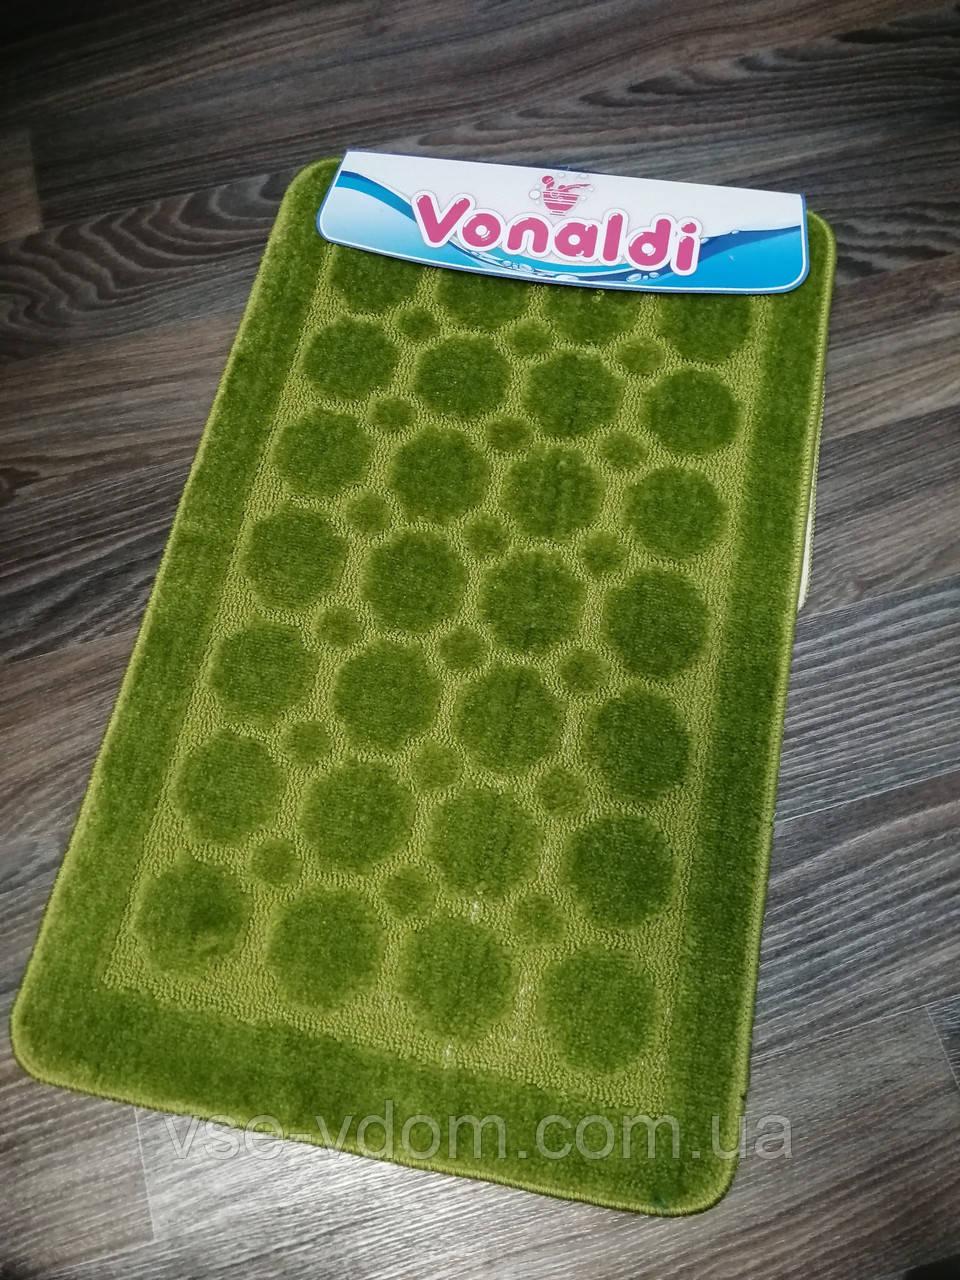 Набор ковриков для ванной комнаты Vonaldi зелёный 80*50